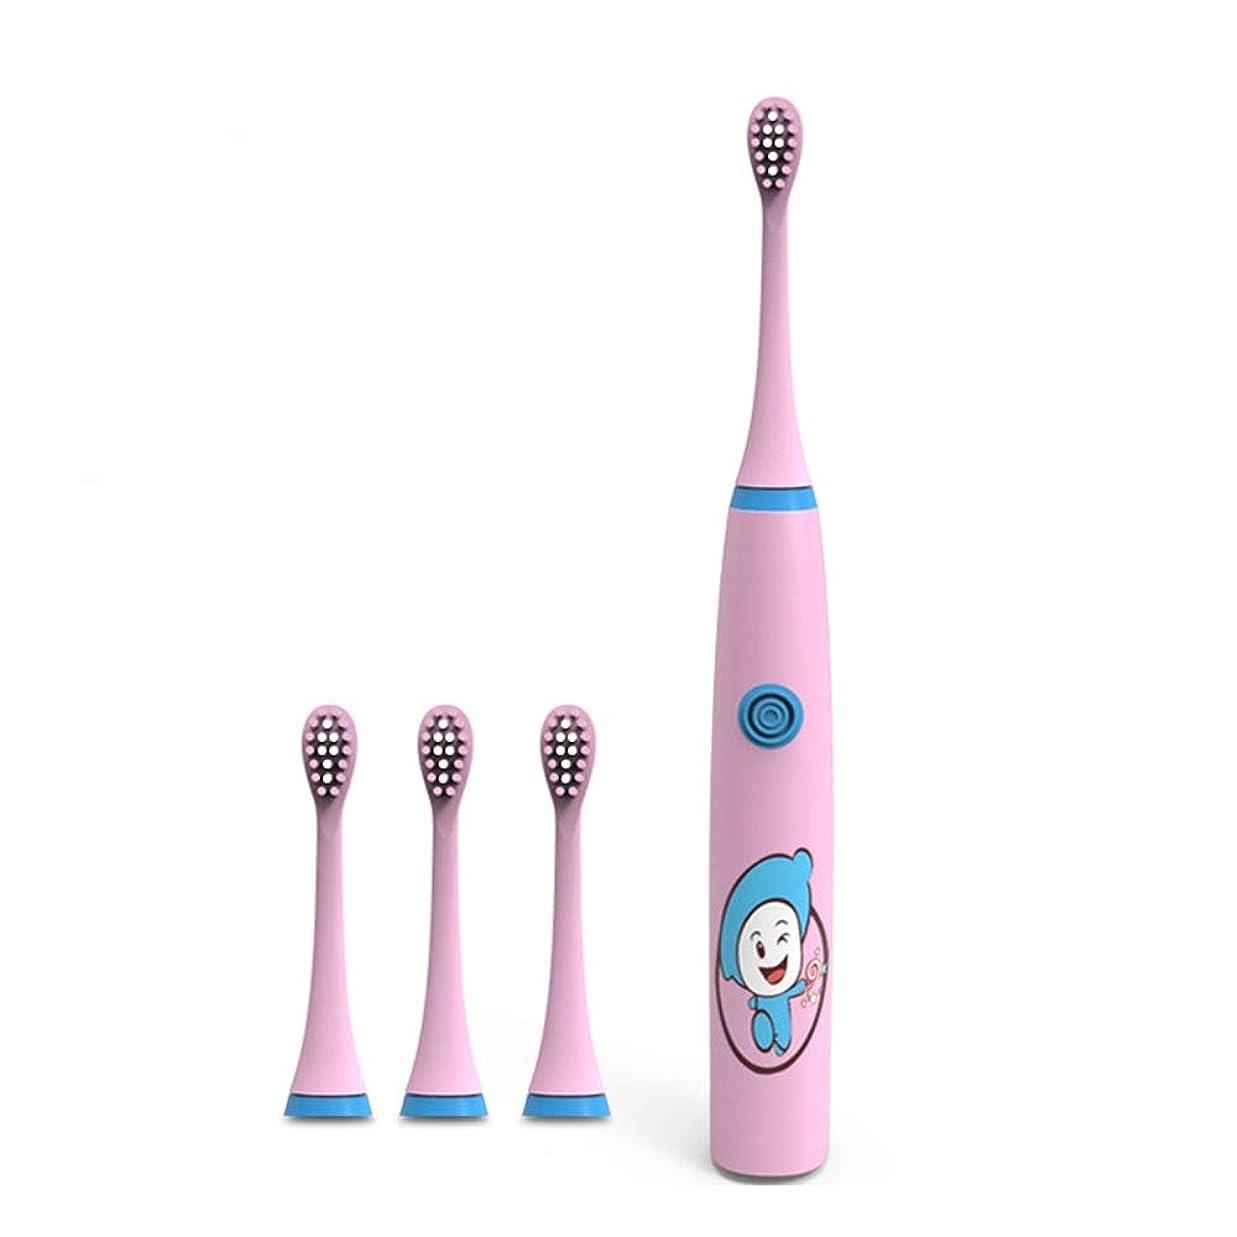 単に船尾モットー耐久性のある子供用電動歯ブラシはUSB充電ベースで防水ソフトヘアクリーンかわいい歯ブラシ 完璧な旅の道連れ (色 : ピンク, サイズ : Free size)